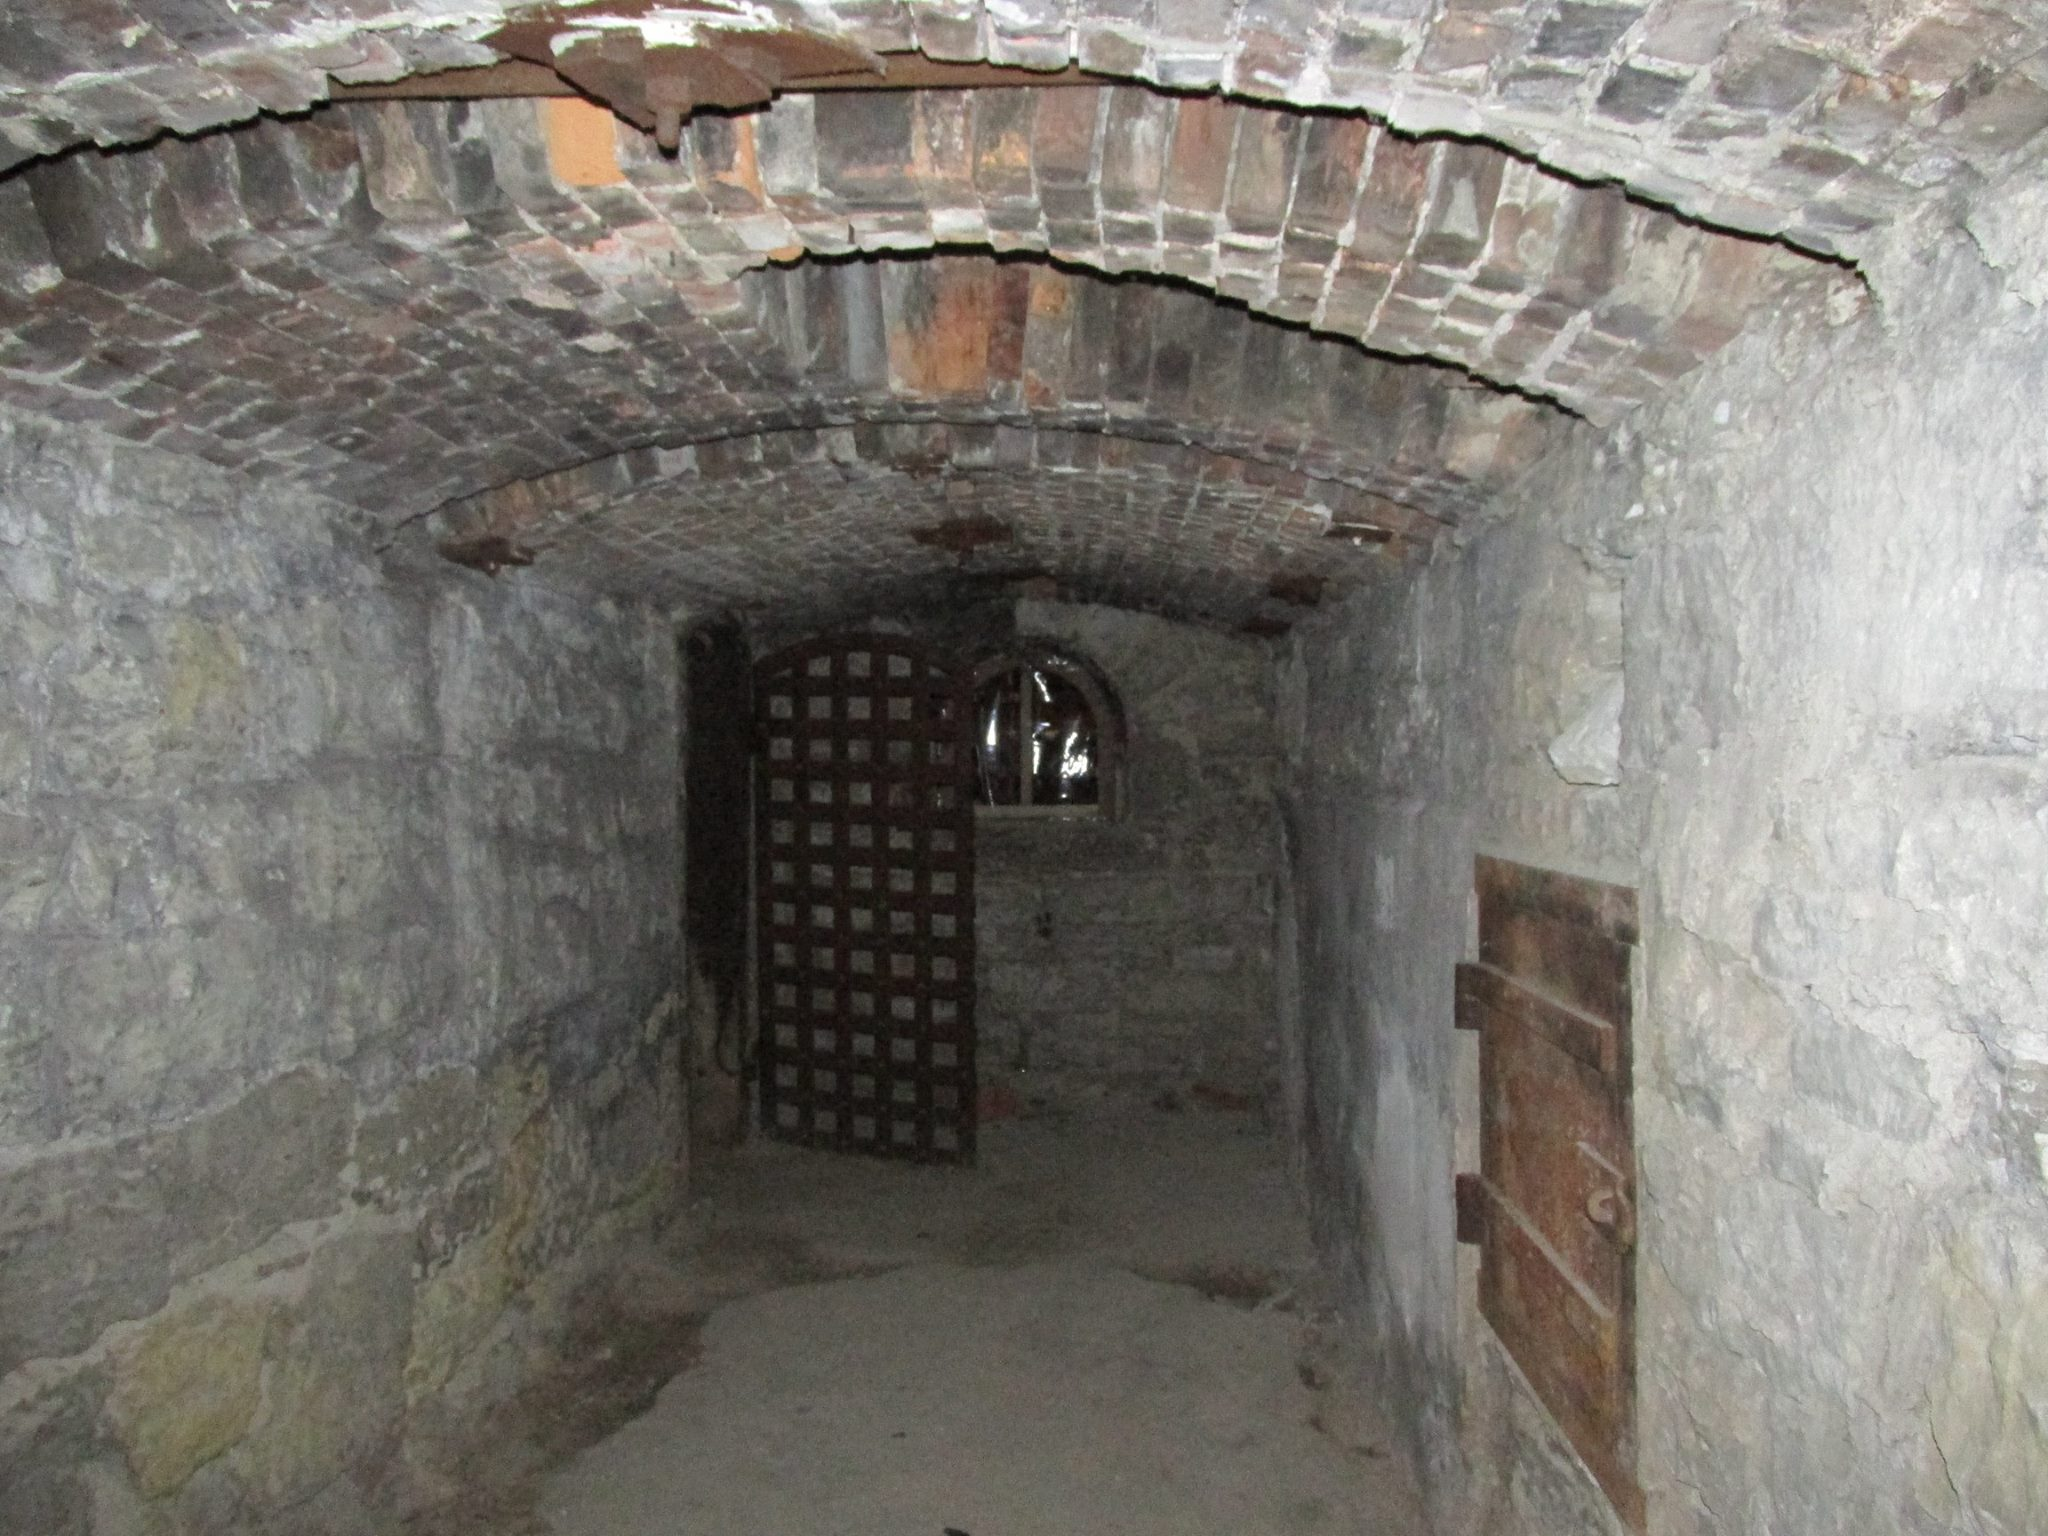 Atate Prison Rhode Island